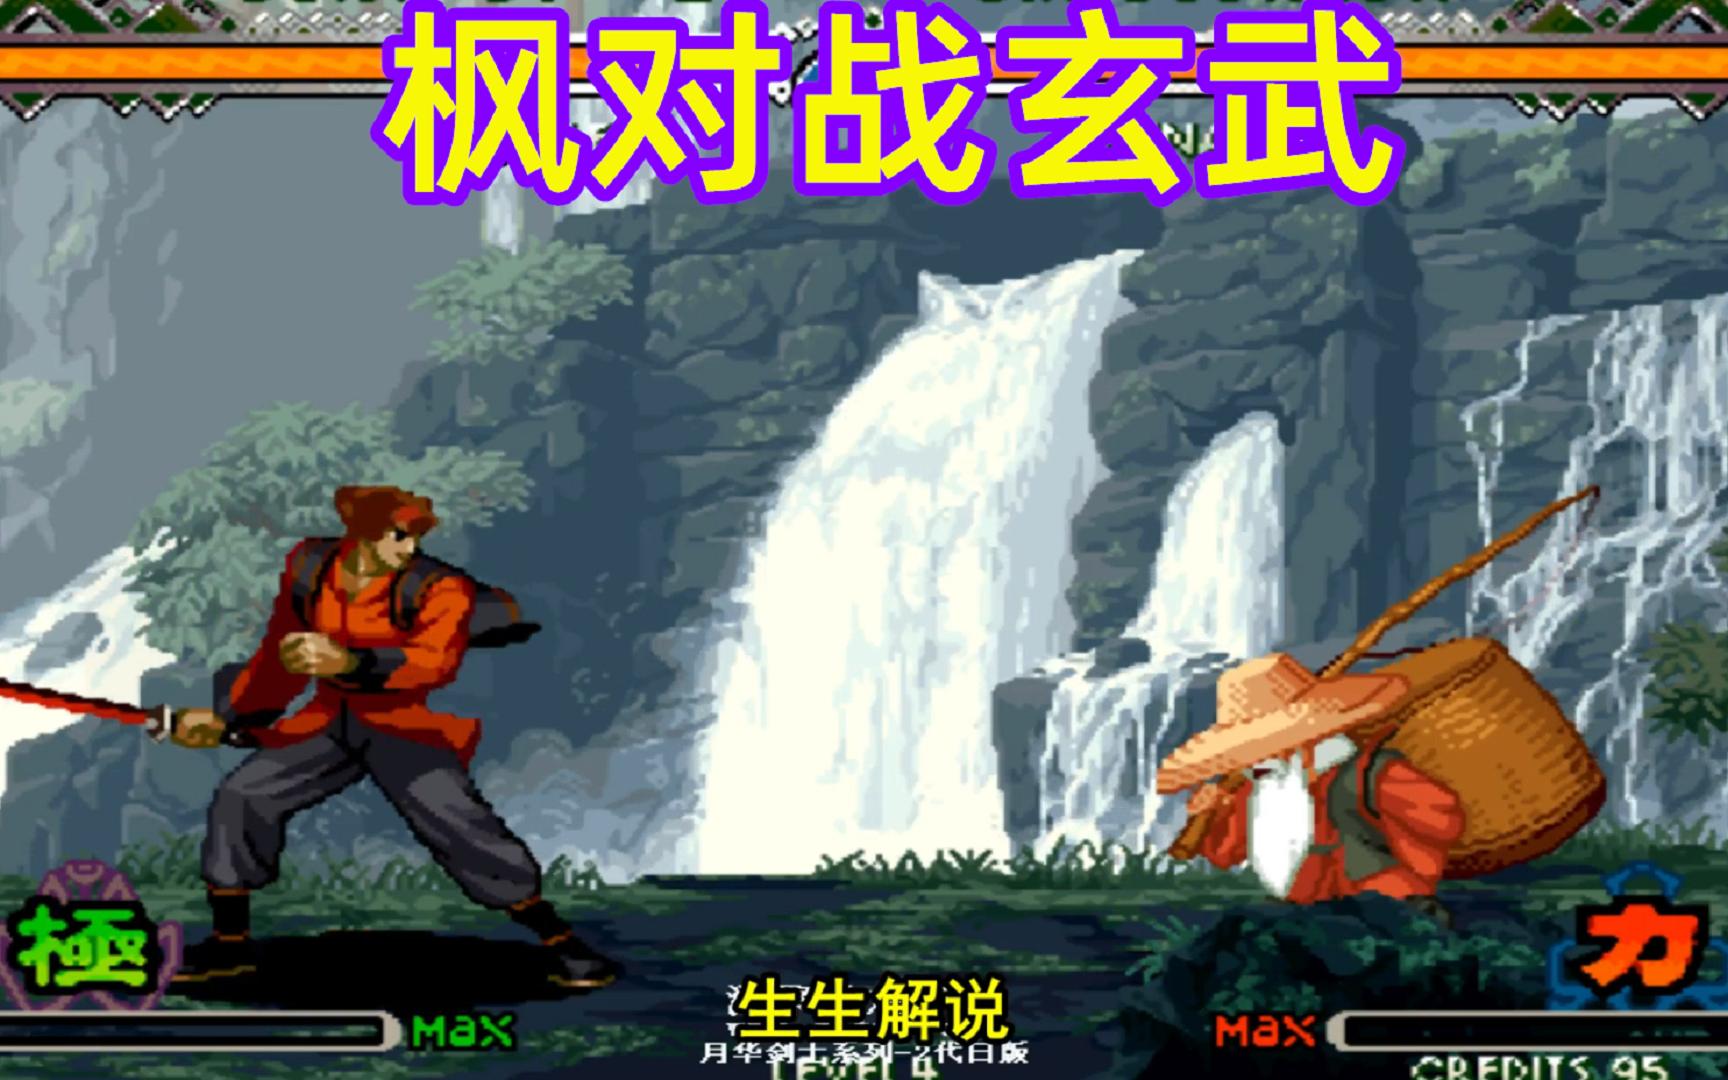 月华剑士2:这是枫的最强玩法吗?玄武被揍得心态爆炸